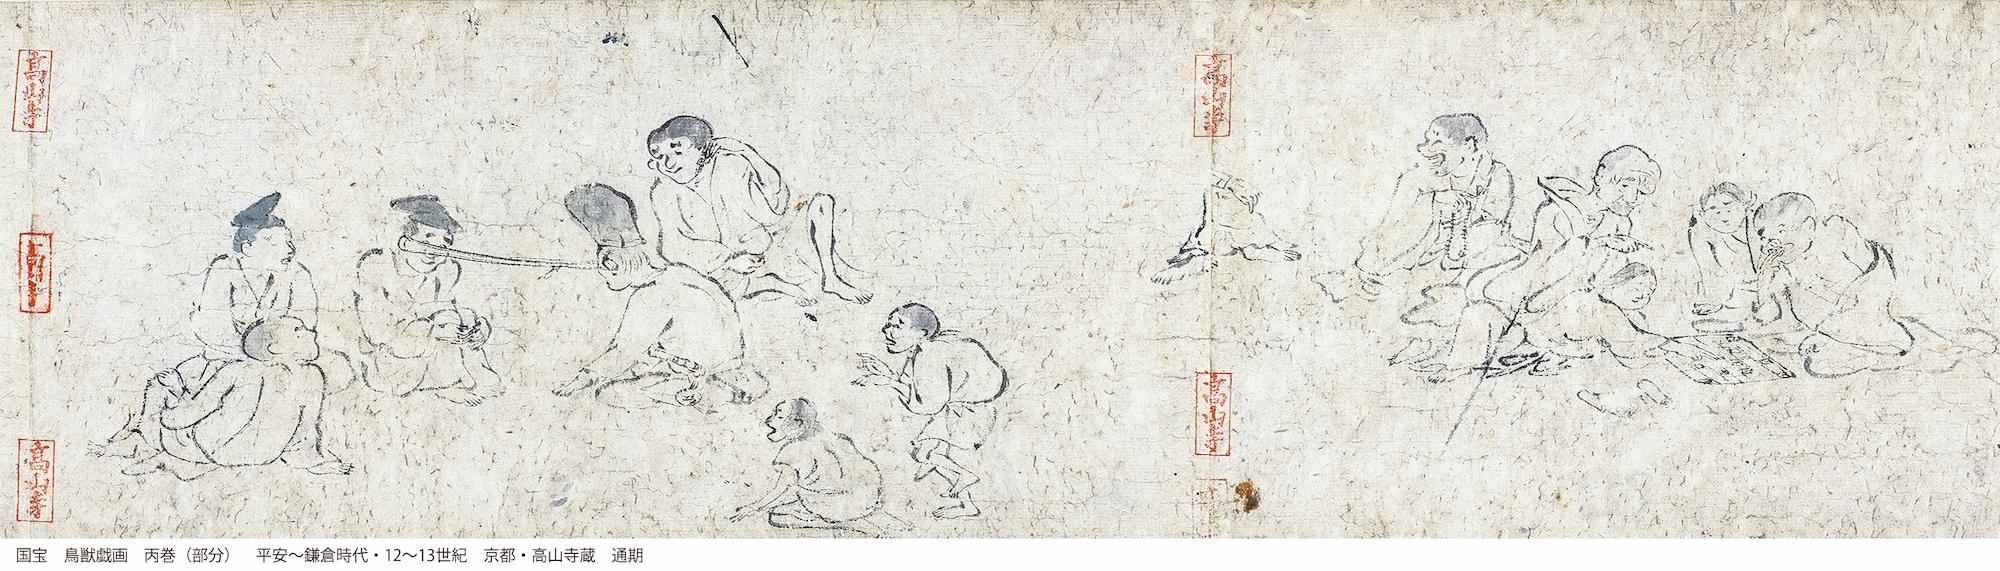 国宝 鳥獣戯画 丙巻(部分) 平安~鎌倉時代 12~13世紀 京都・高山寺 通期